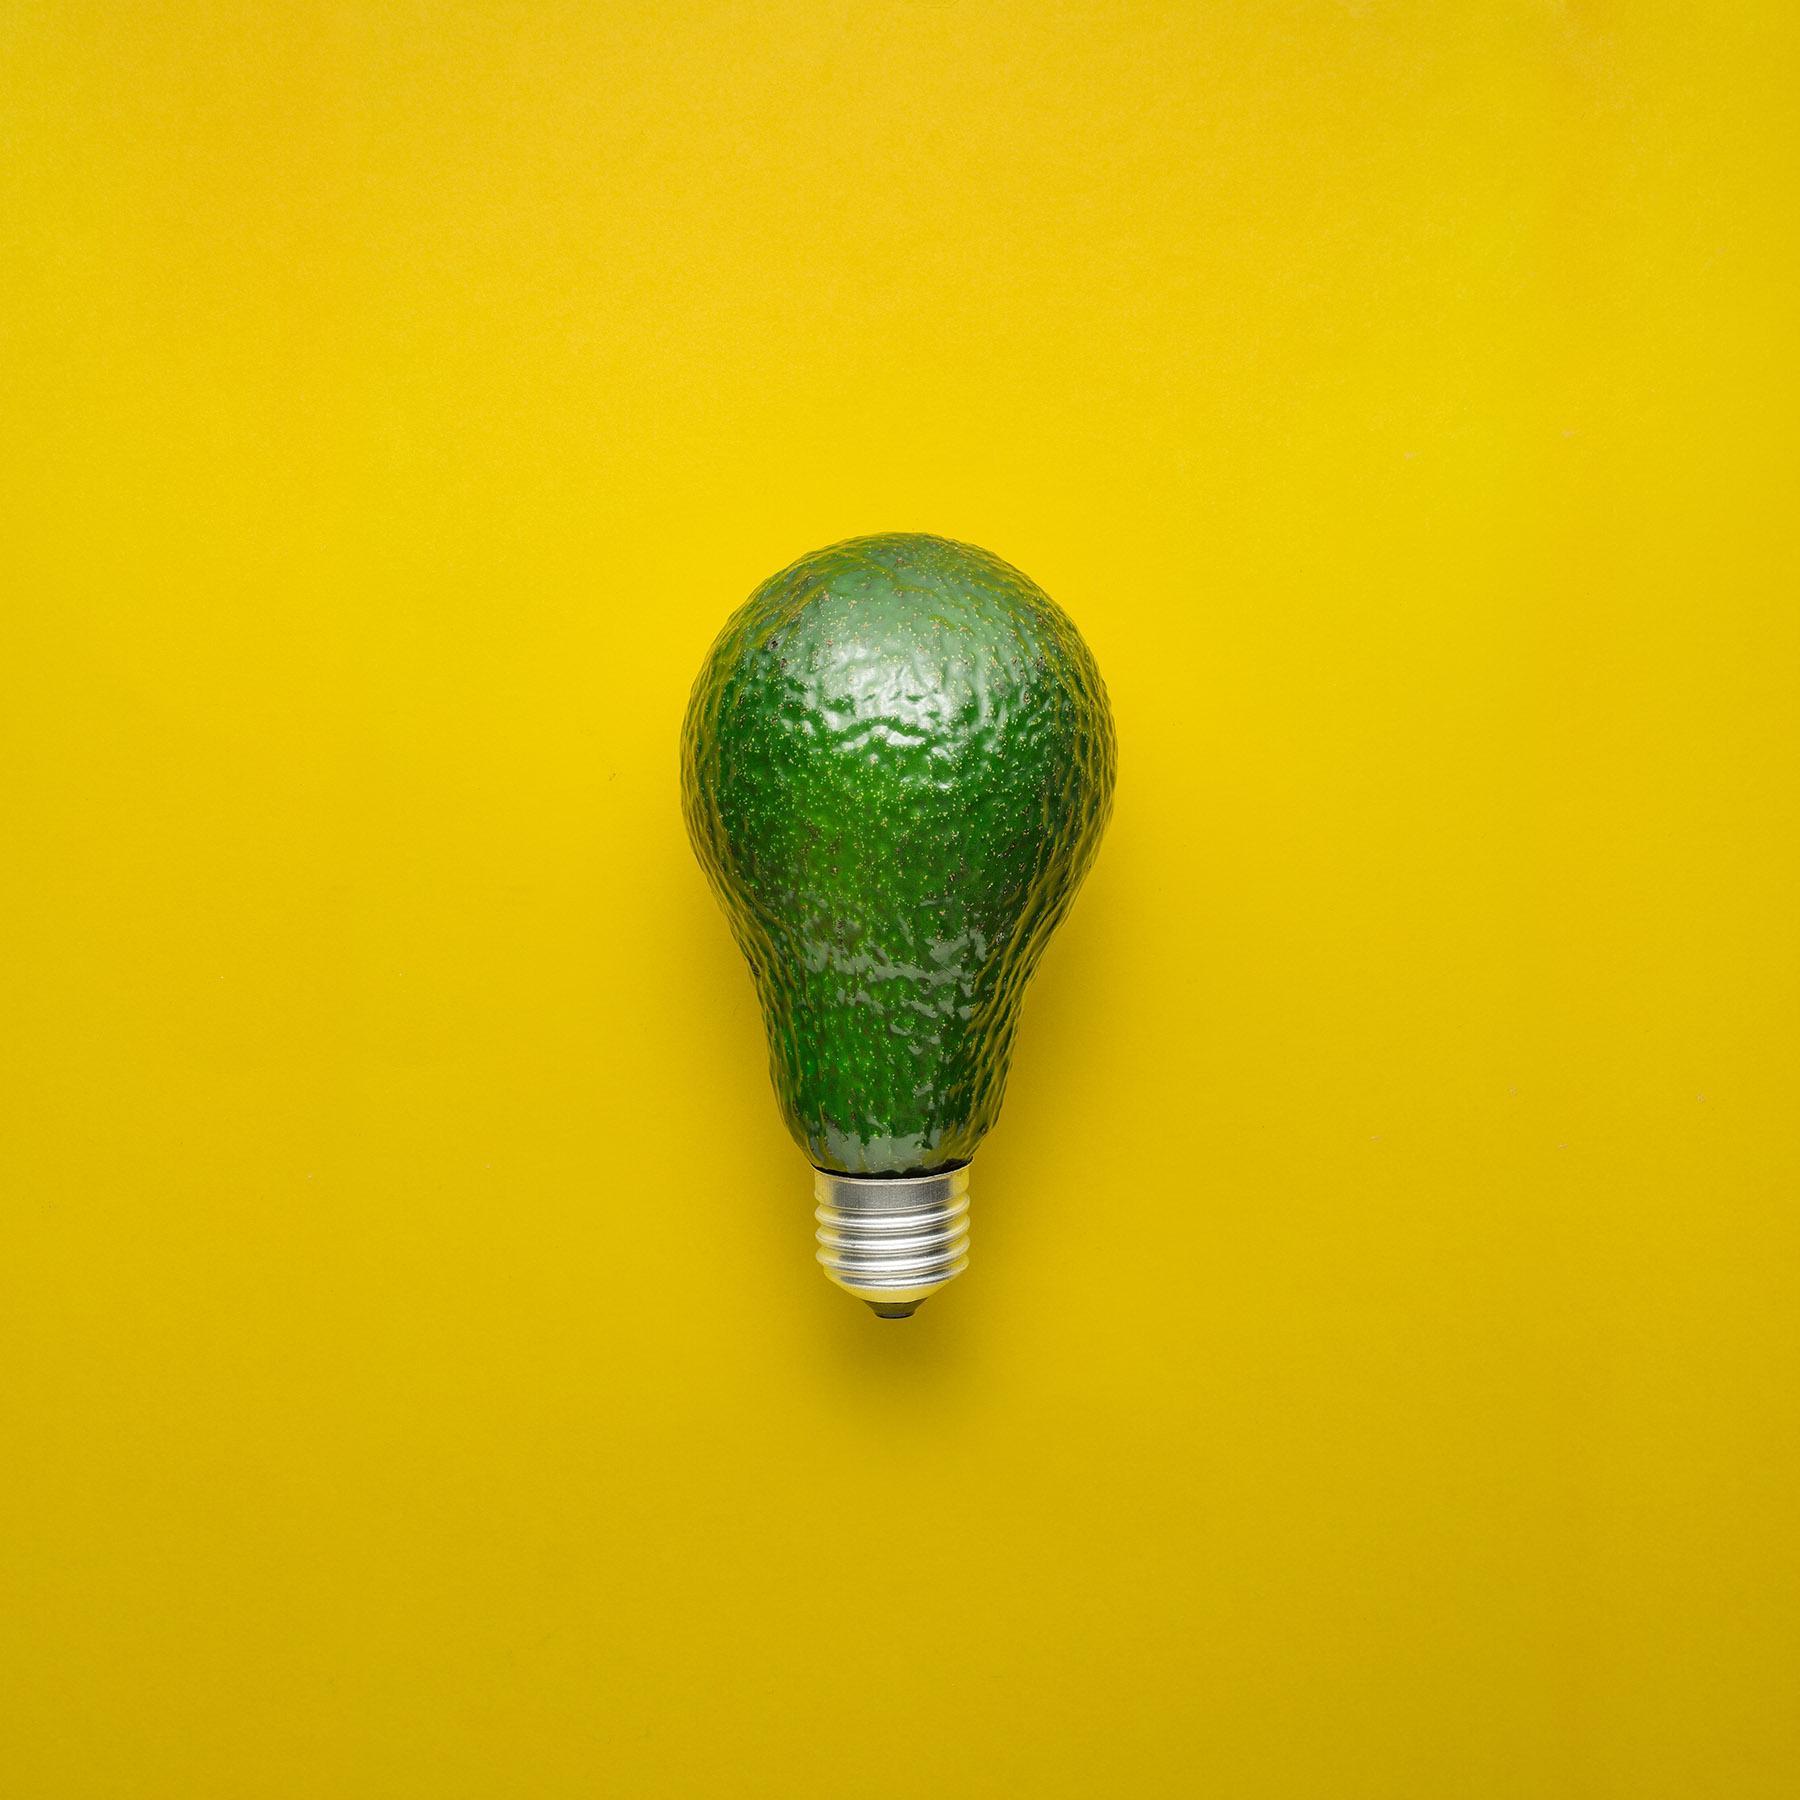 fresh-idea-PQFMFYM.jpg